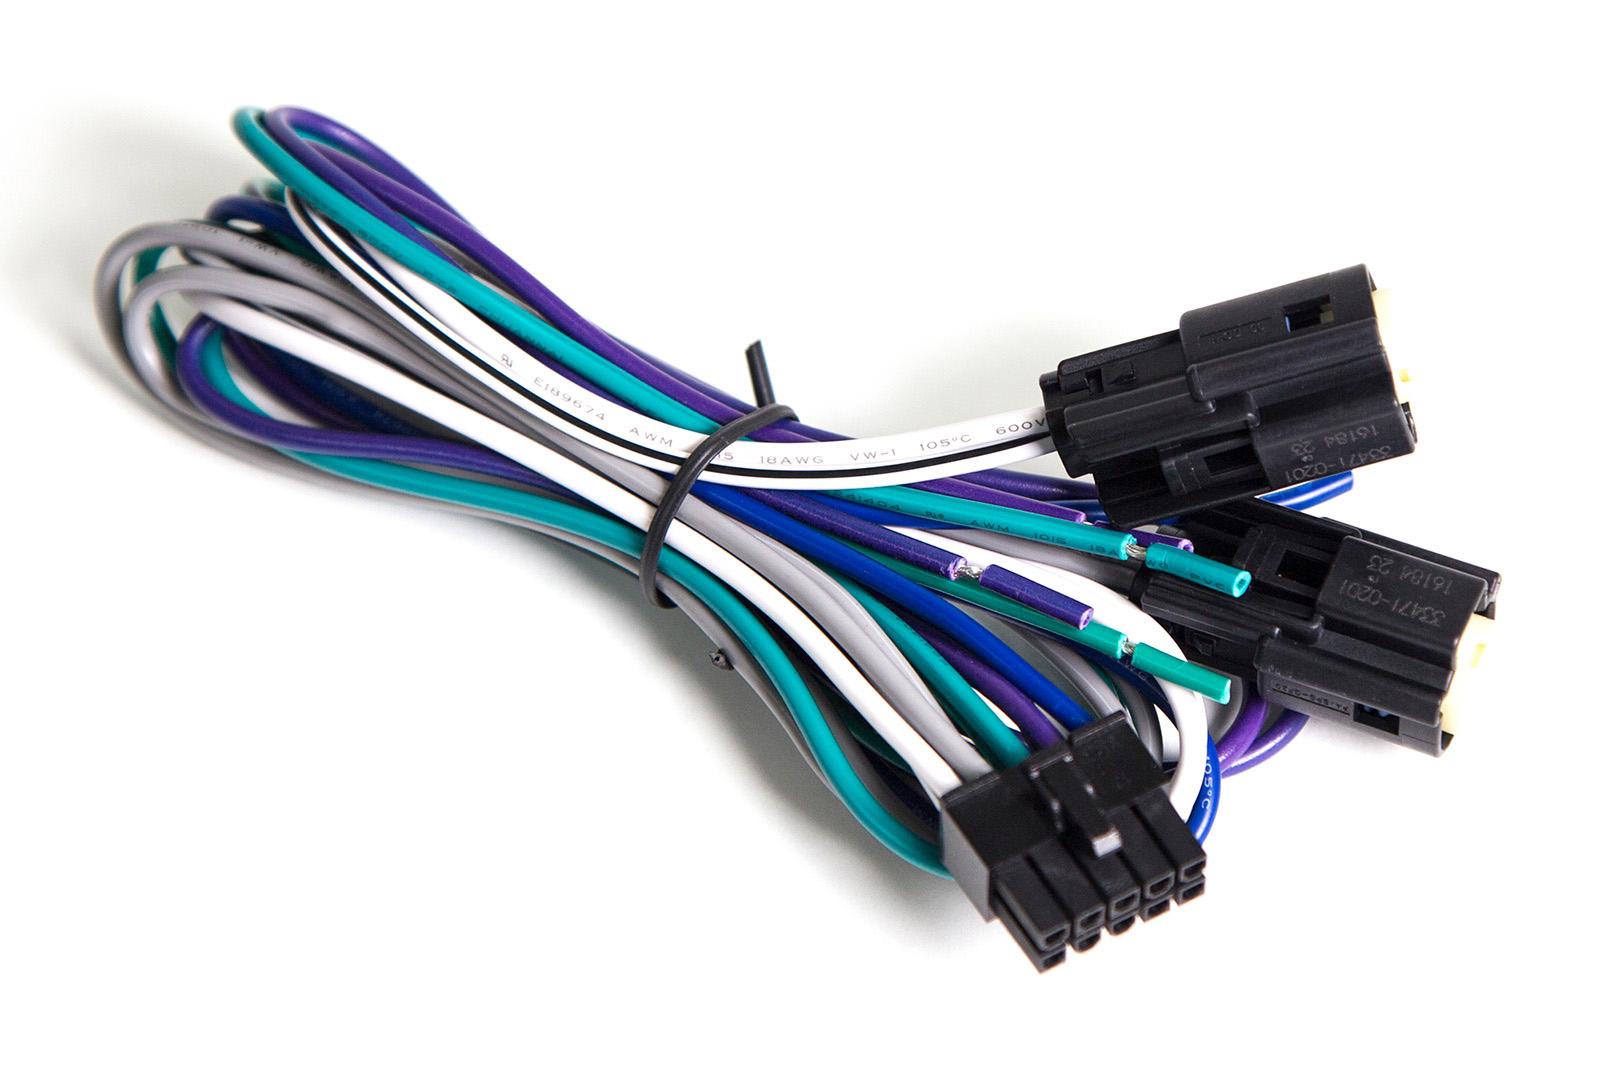 focal crossover wiring diagram ac sl3 swm wiring diagrams focal sub 25 bus wiring diagram  LED Circuit Diagrams focal is 165 wiring diagram Outlet Wiring